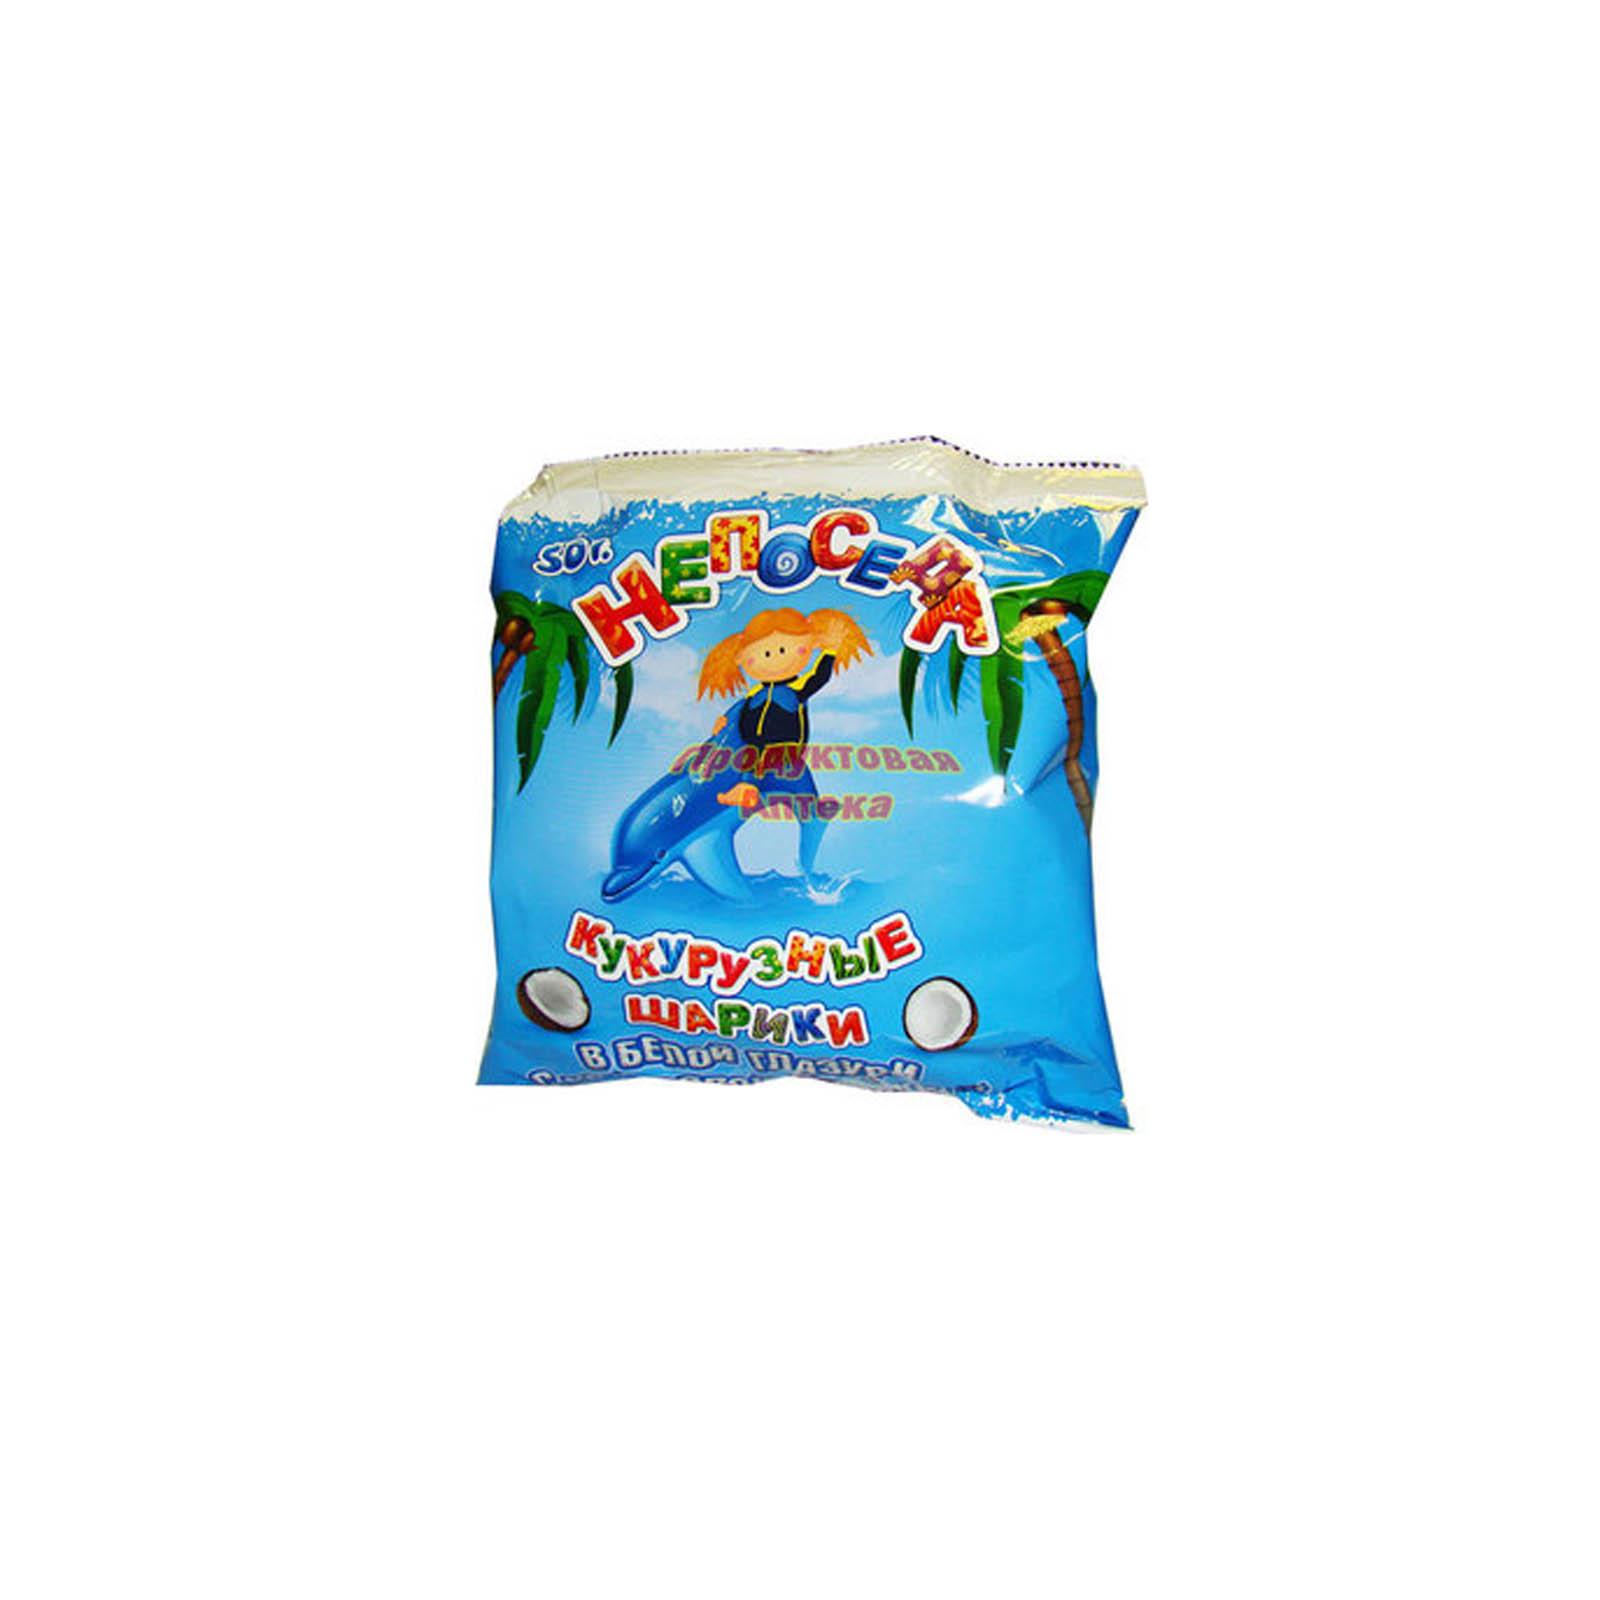 Шарики Здоровей Непоседа 50 гр Кукурузные с кокосовой глазурью<br>